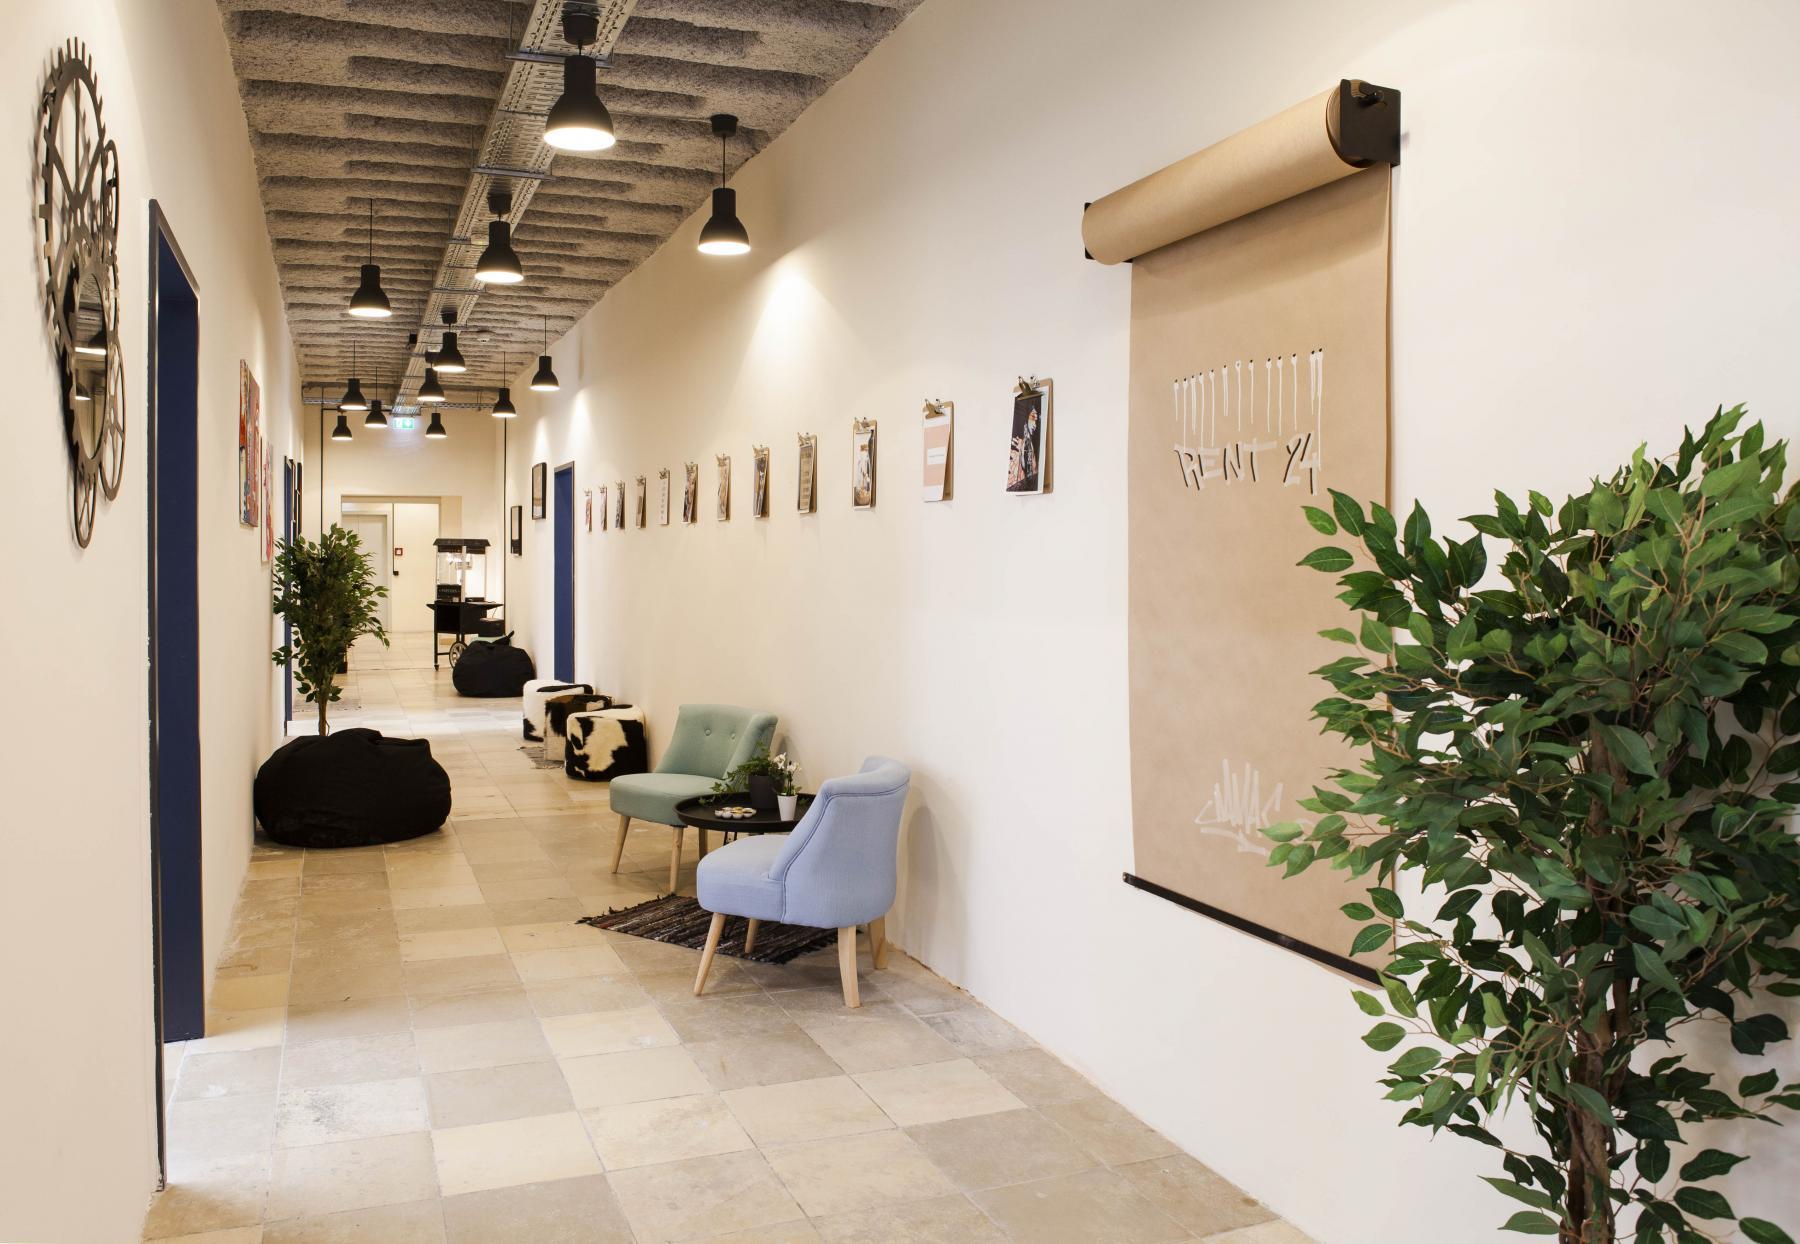 Heller langer Flur mit Pflanzen und Wanddekoration